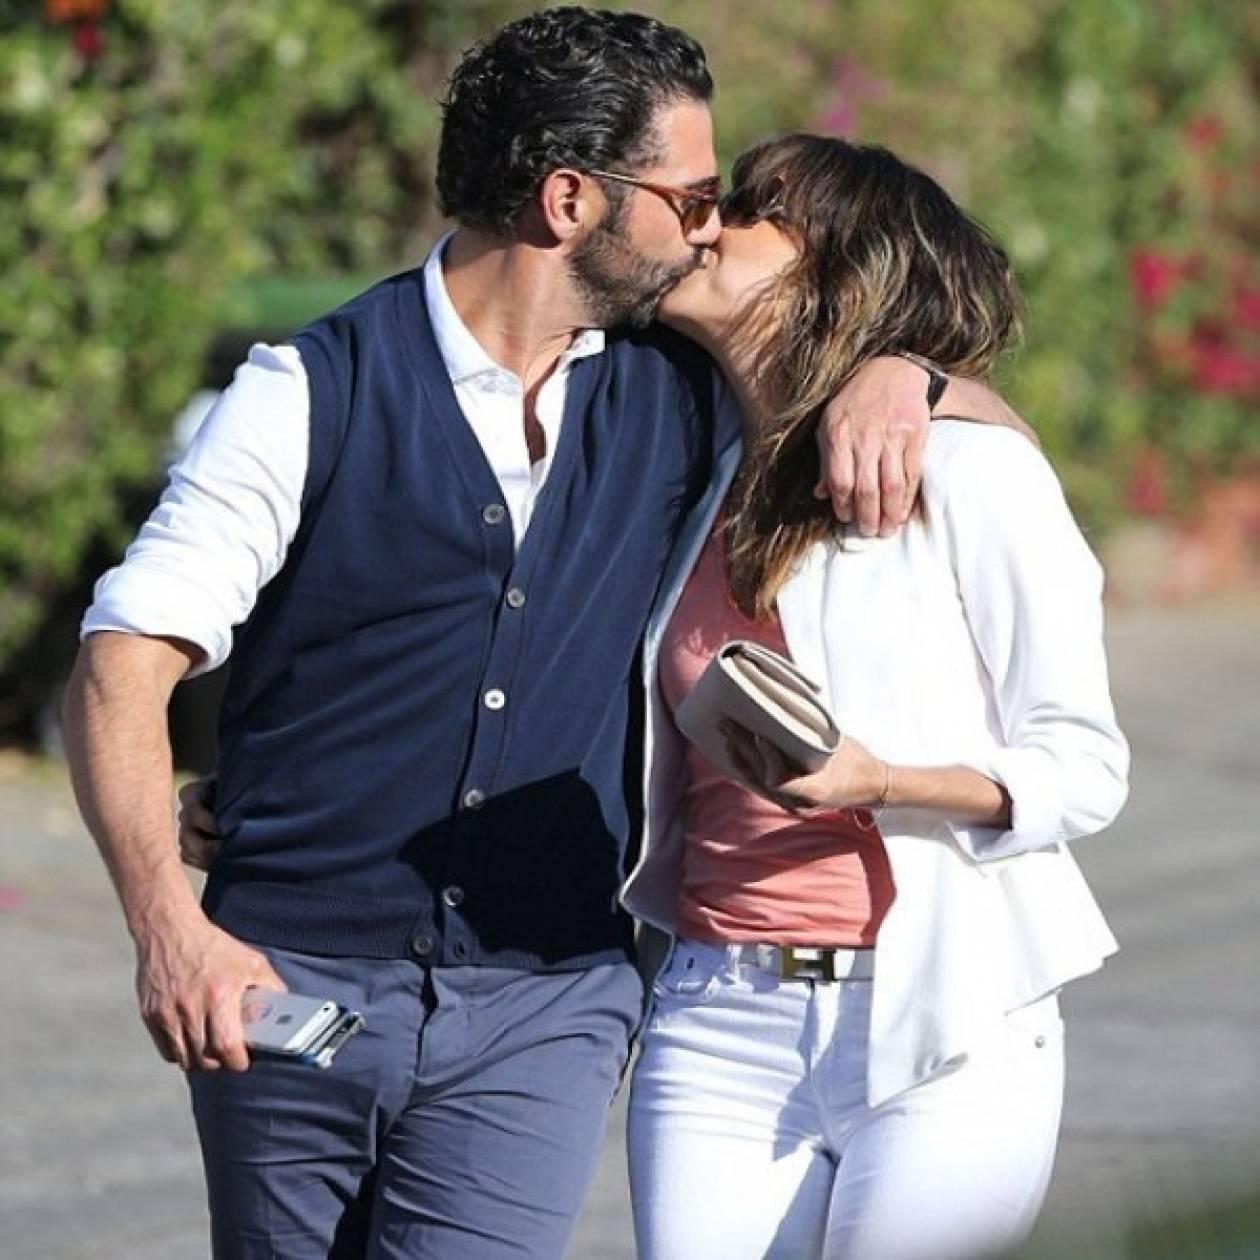 Τα παθιασμένα φιλιά της Eva Longoria στο δρόμο